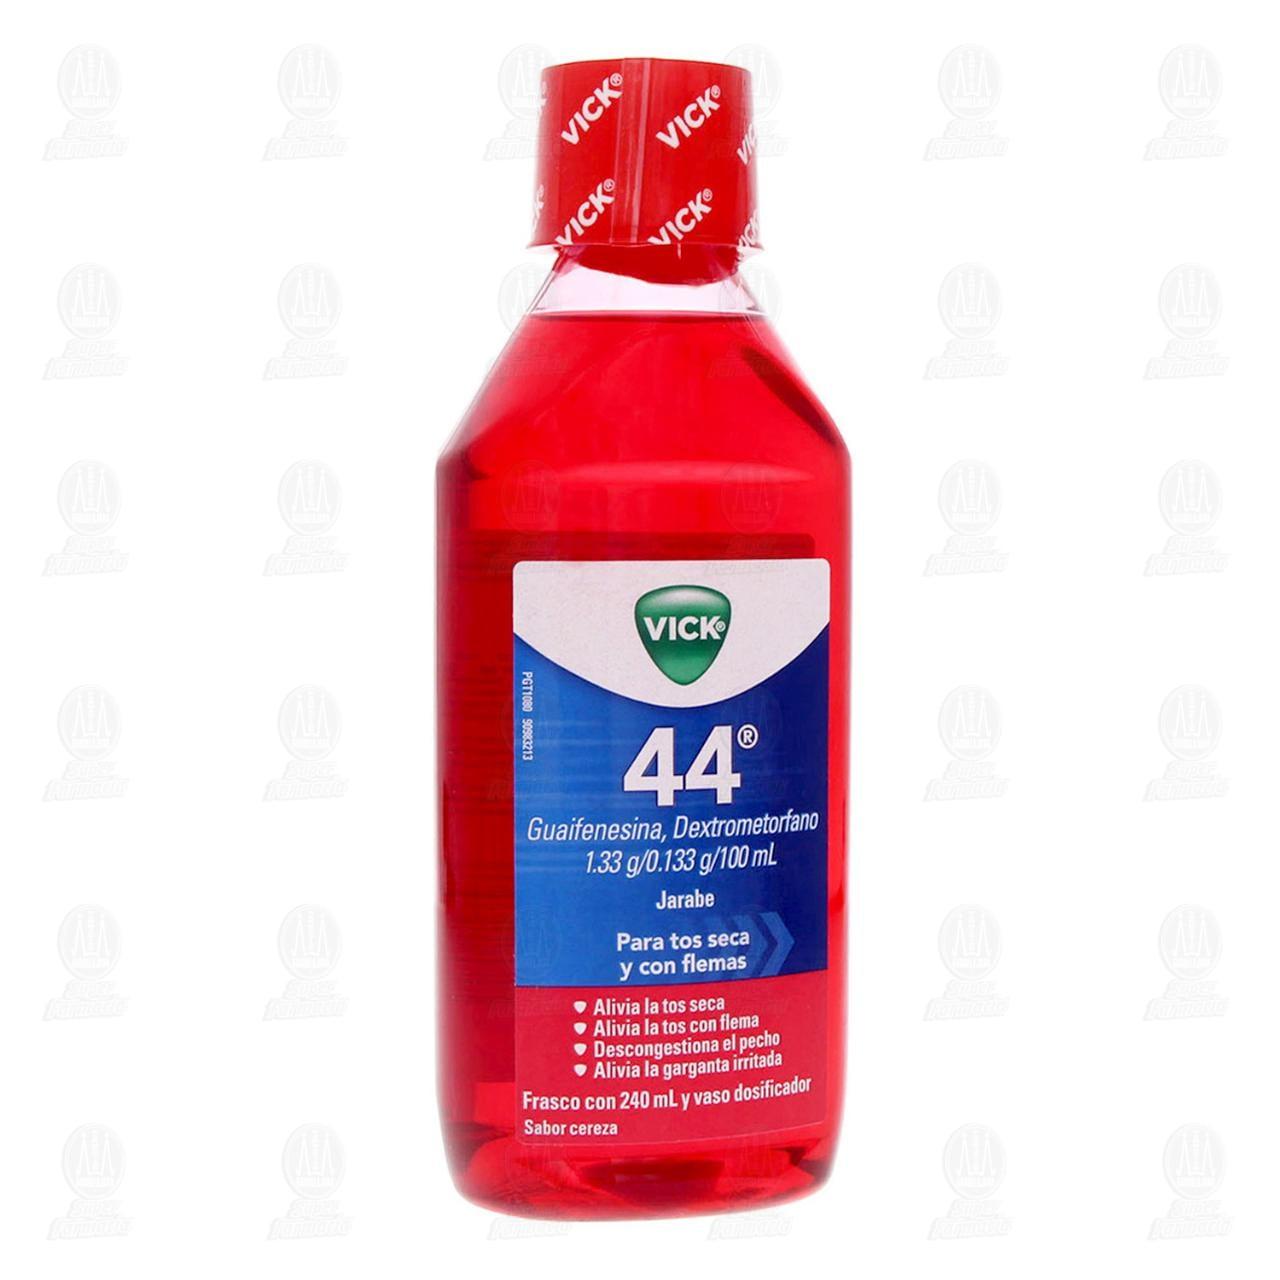 Comprar Vick 44 Jarabe Sabor Cereza 240ml en Farmacias Guadalajara